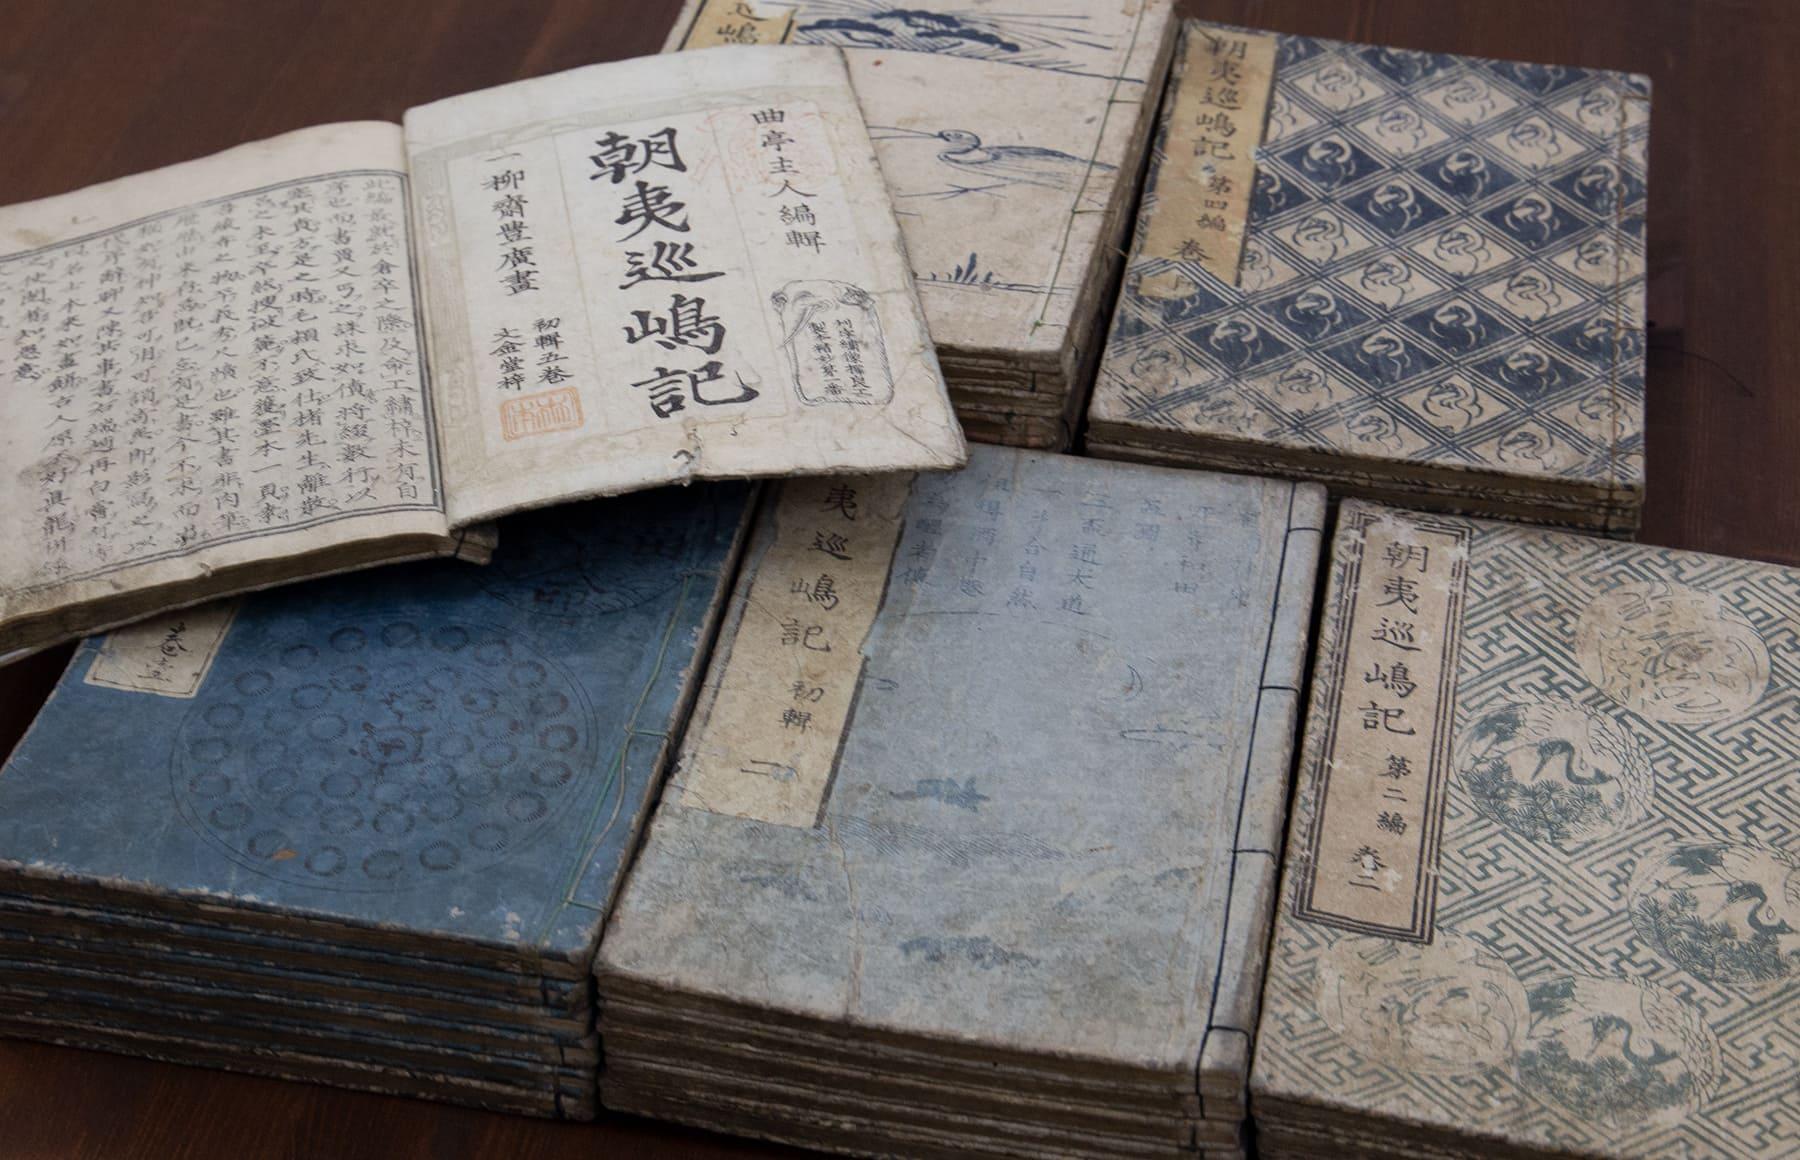 古書・和本・古典籍の写真8